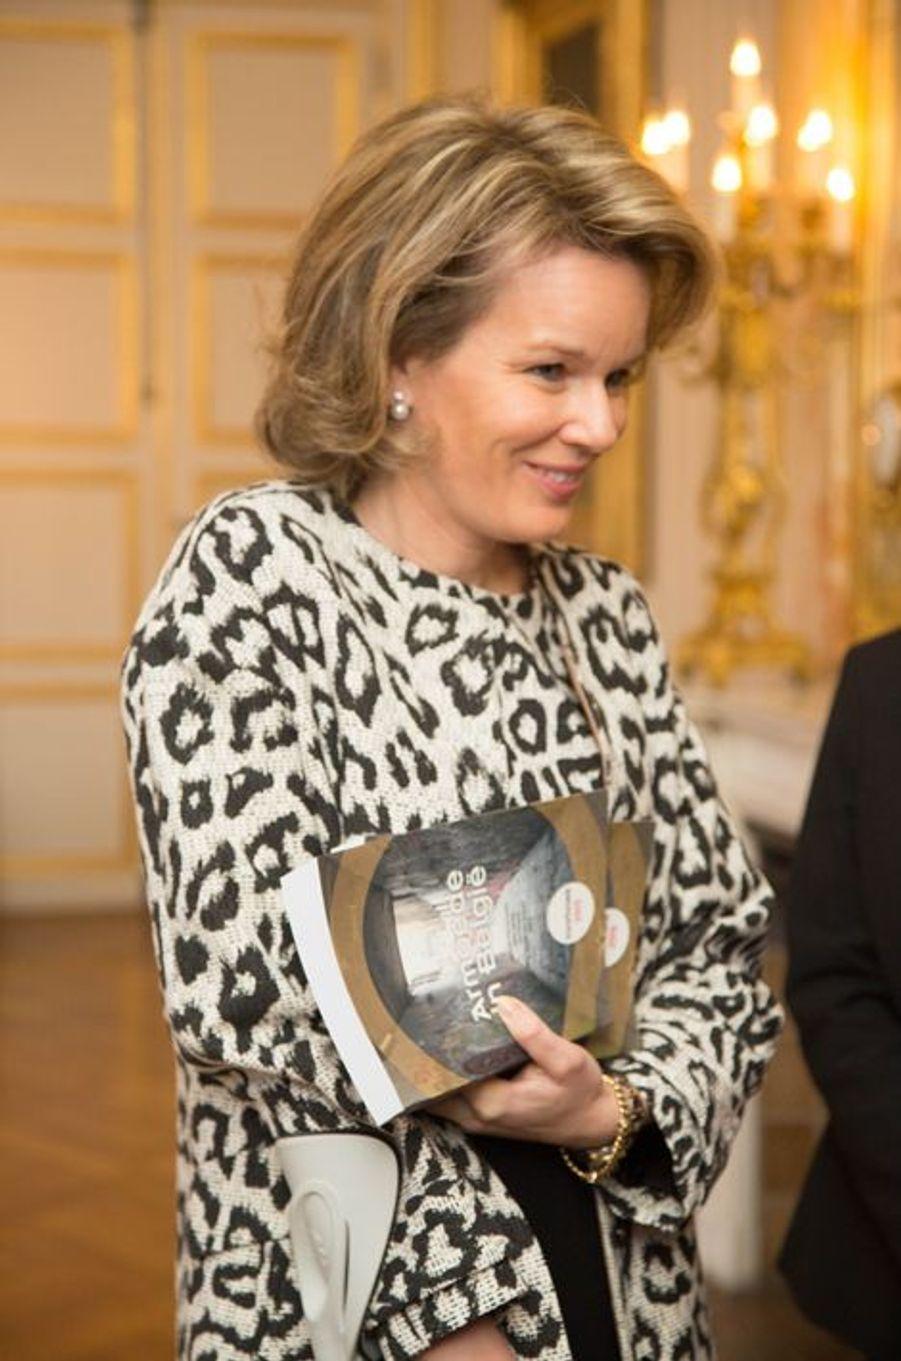 La reine Mathilde de Belgique au Palais royal à Bruxelles, le 3 avril 2015